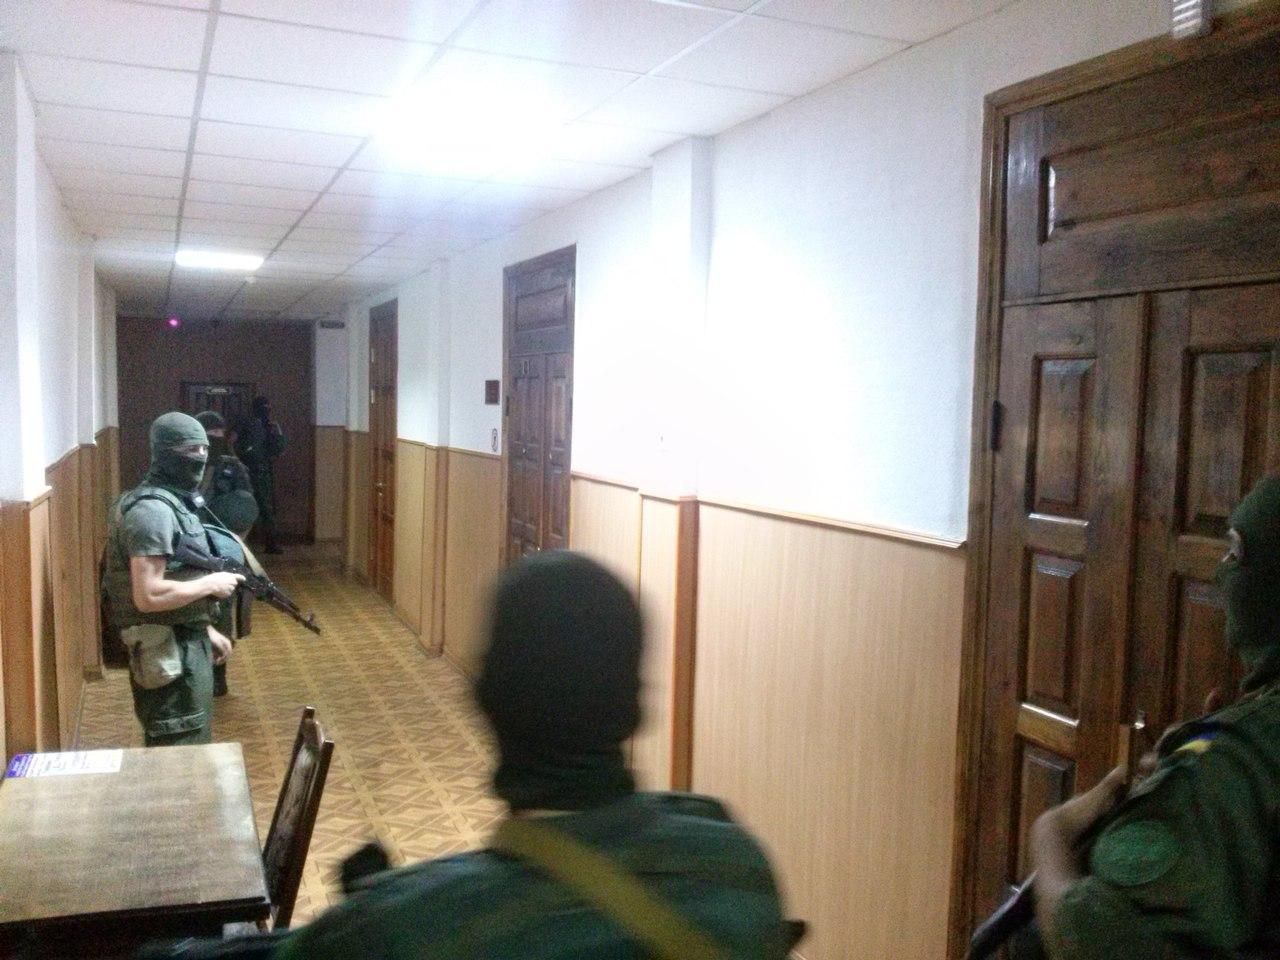 У Харкові Штепу доставили в суд собака та озброєні чоловіки  - фото 1